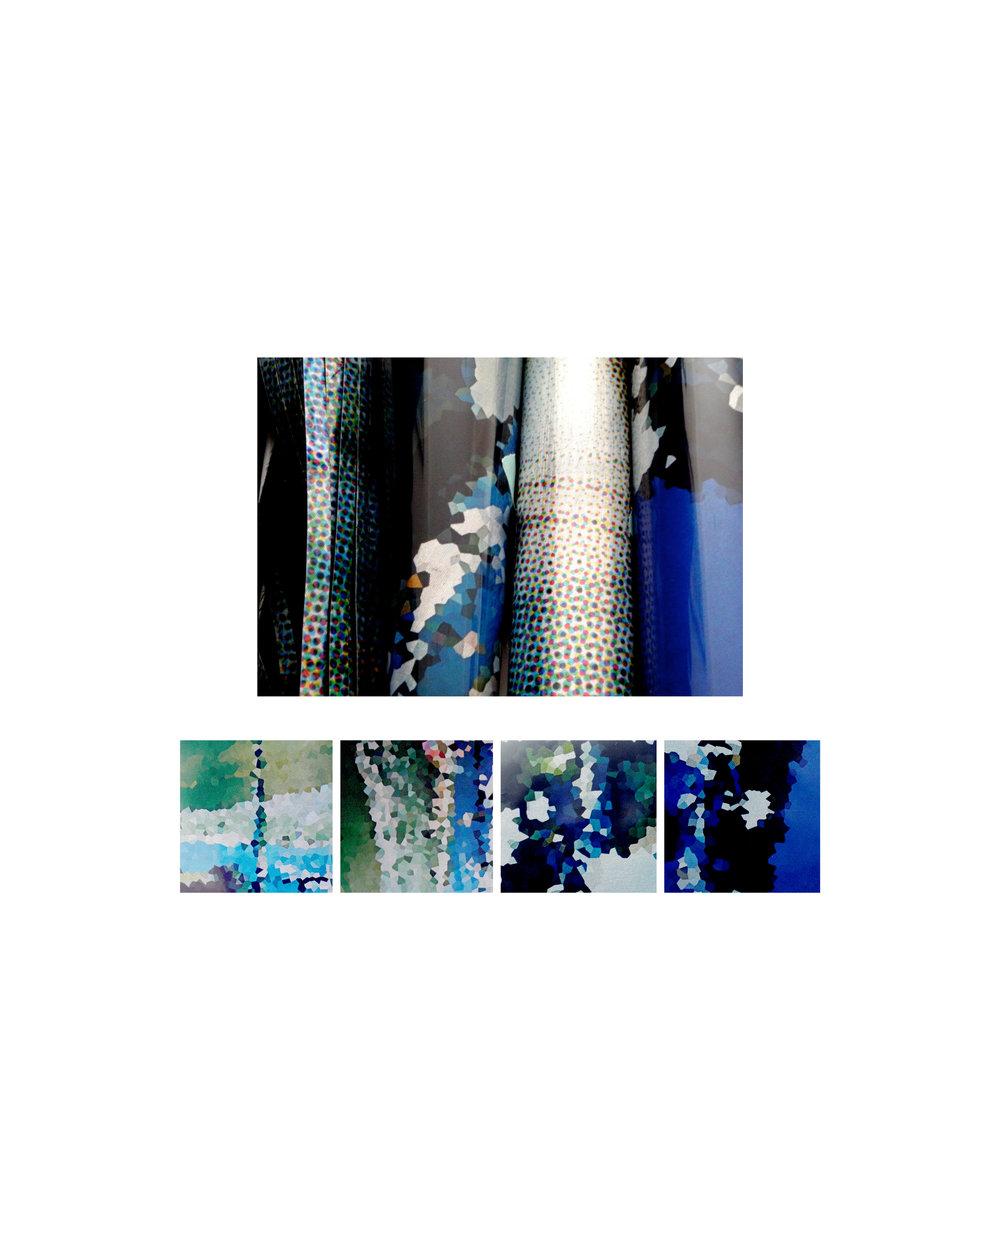 Book.Perso.0339.jpg